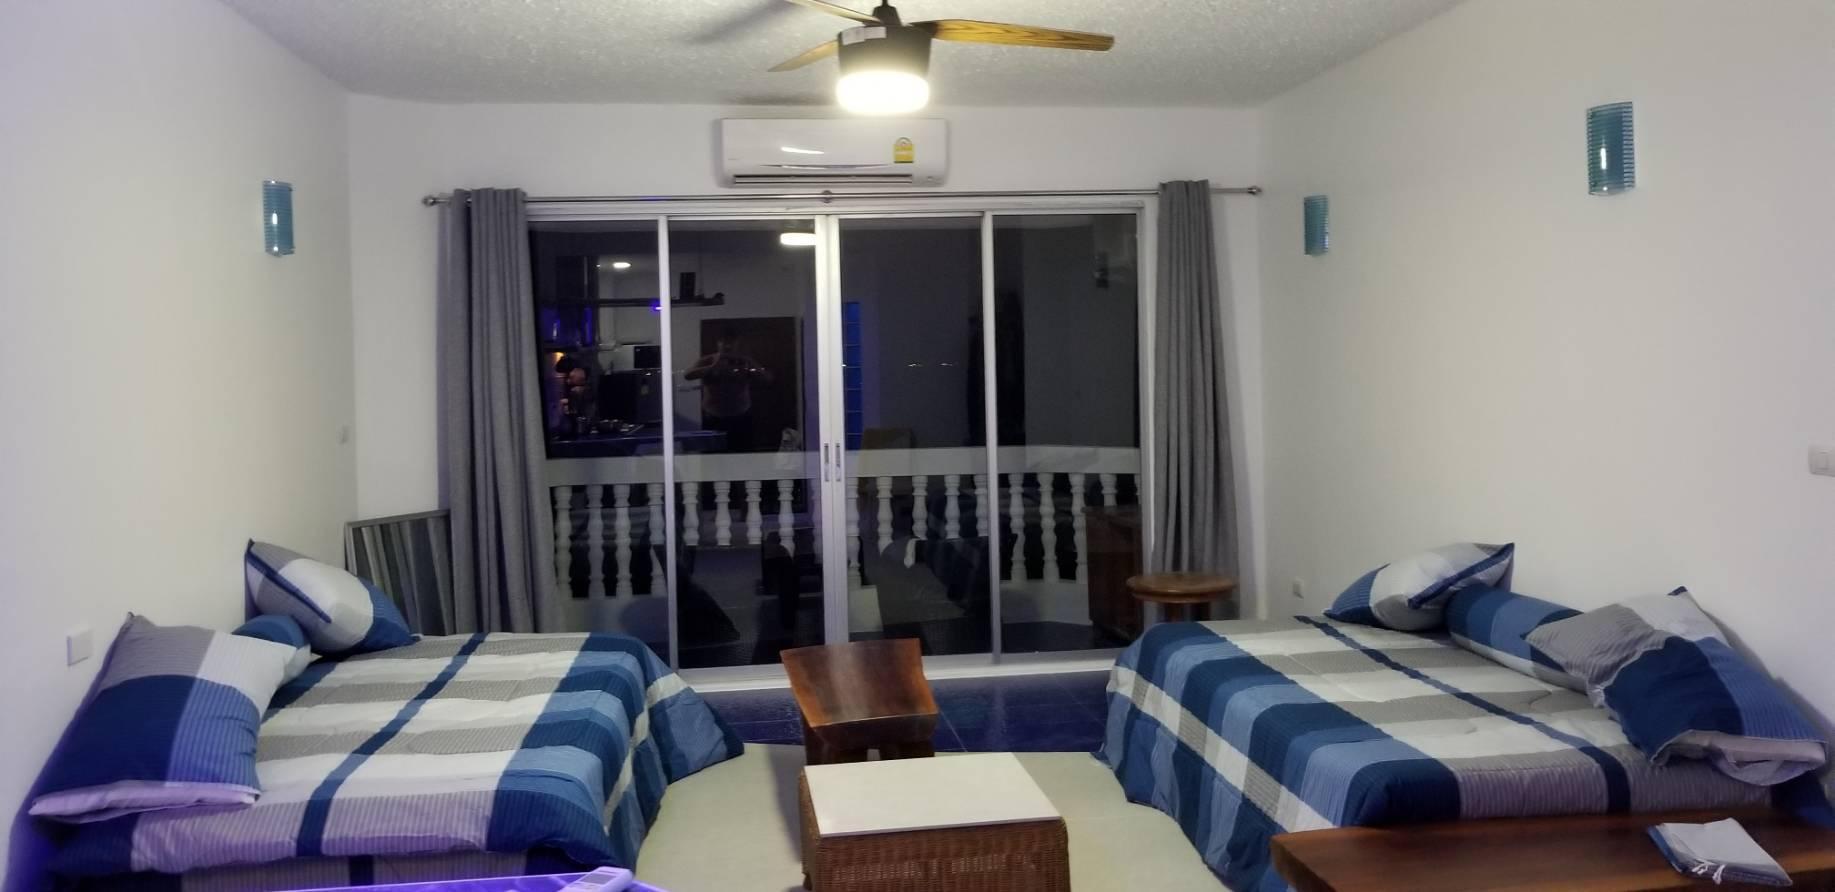 Pmy beach front private and sweet dreams อพาร์ตเมนต์ 1 ห้องนอน 1 ห้องน้ำส่วนตัว ขนาด 44 ตร.ม. – ตัวเมืองระยอง